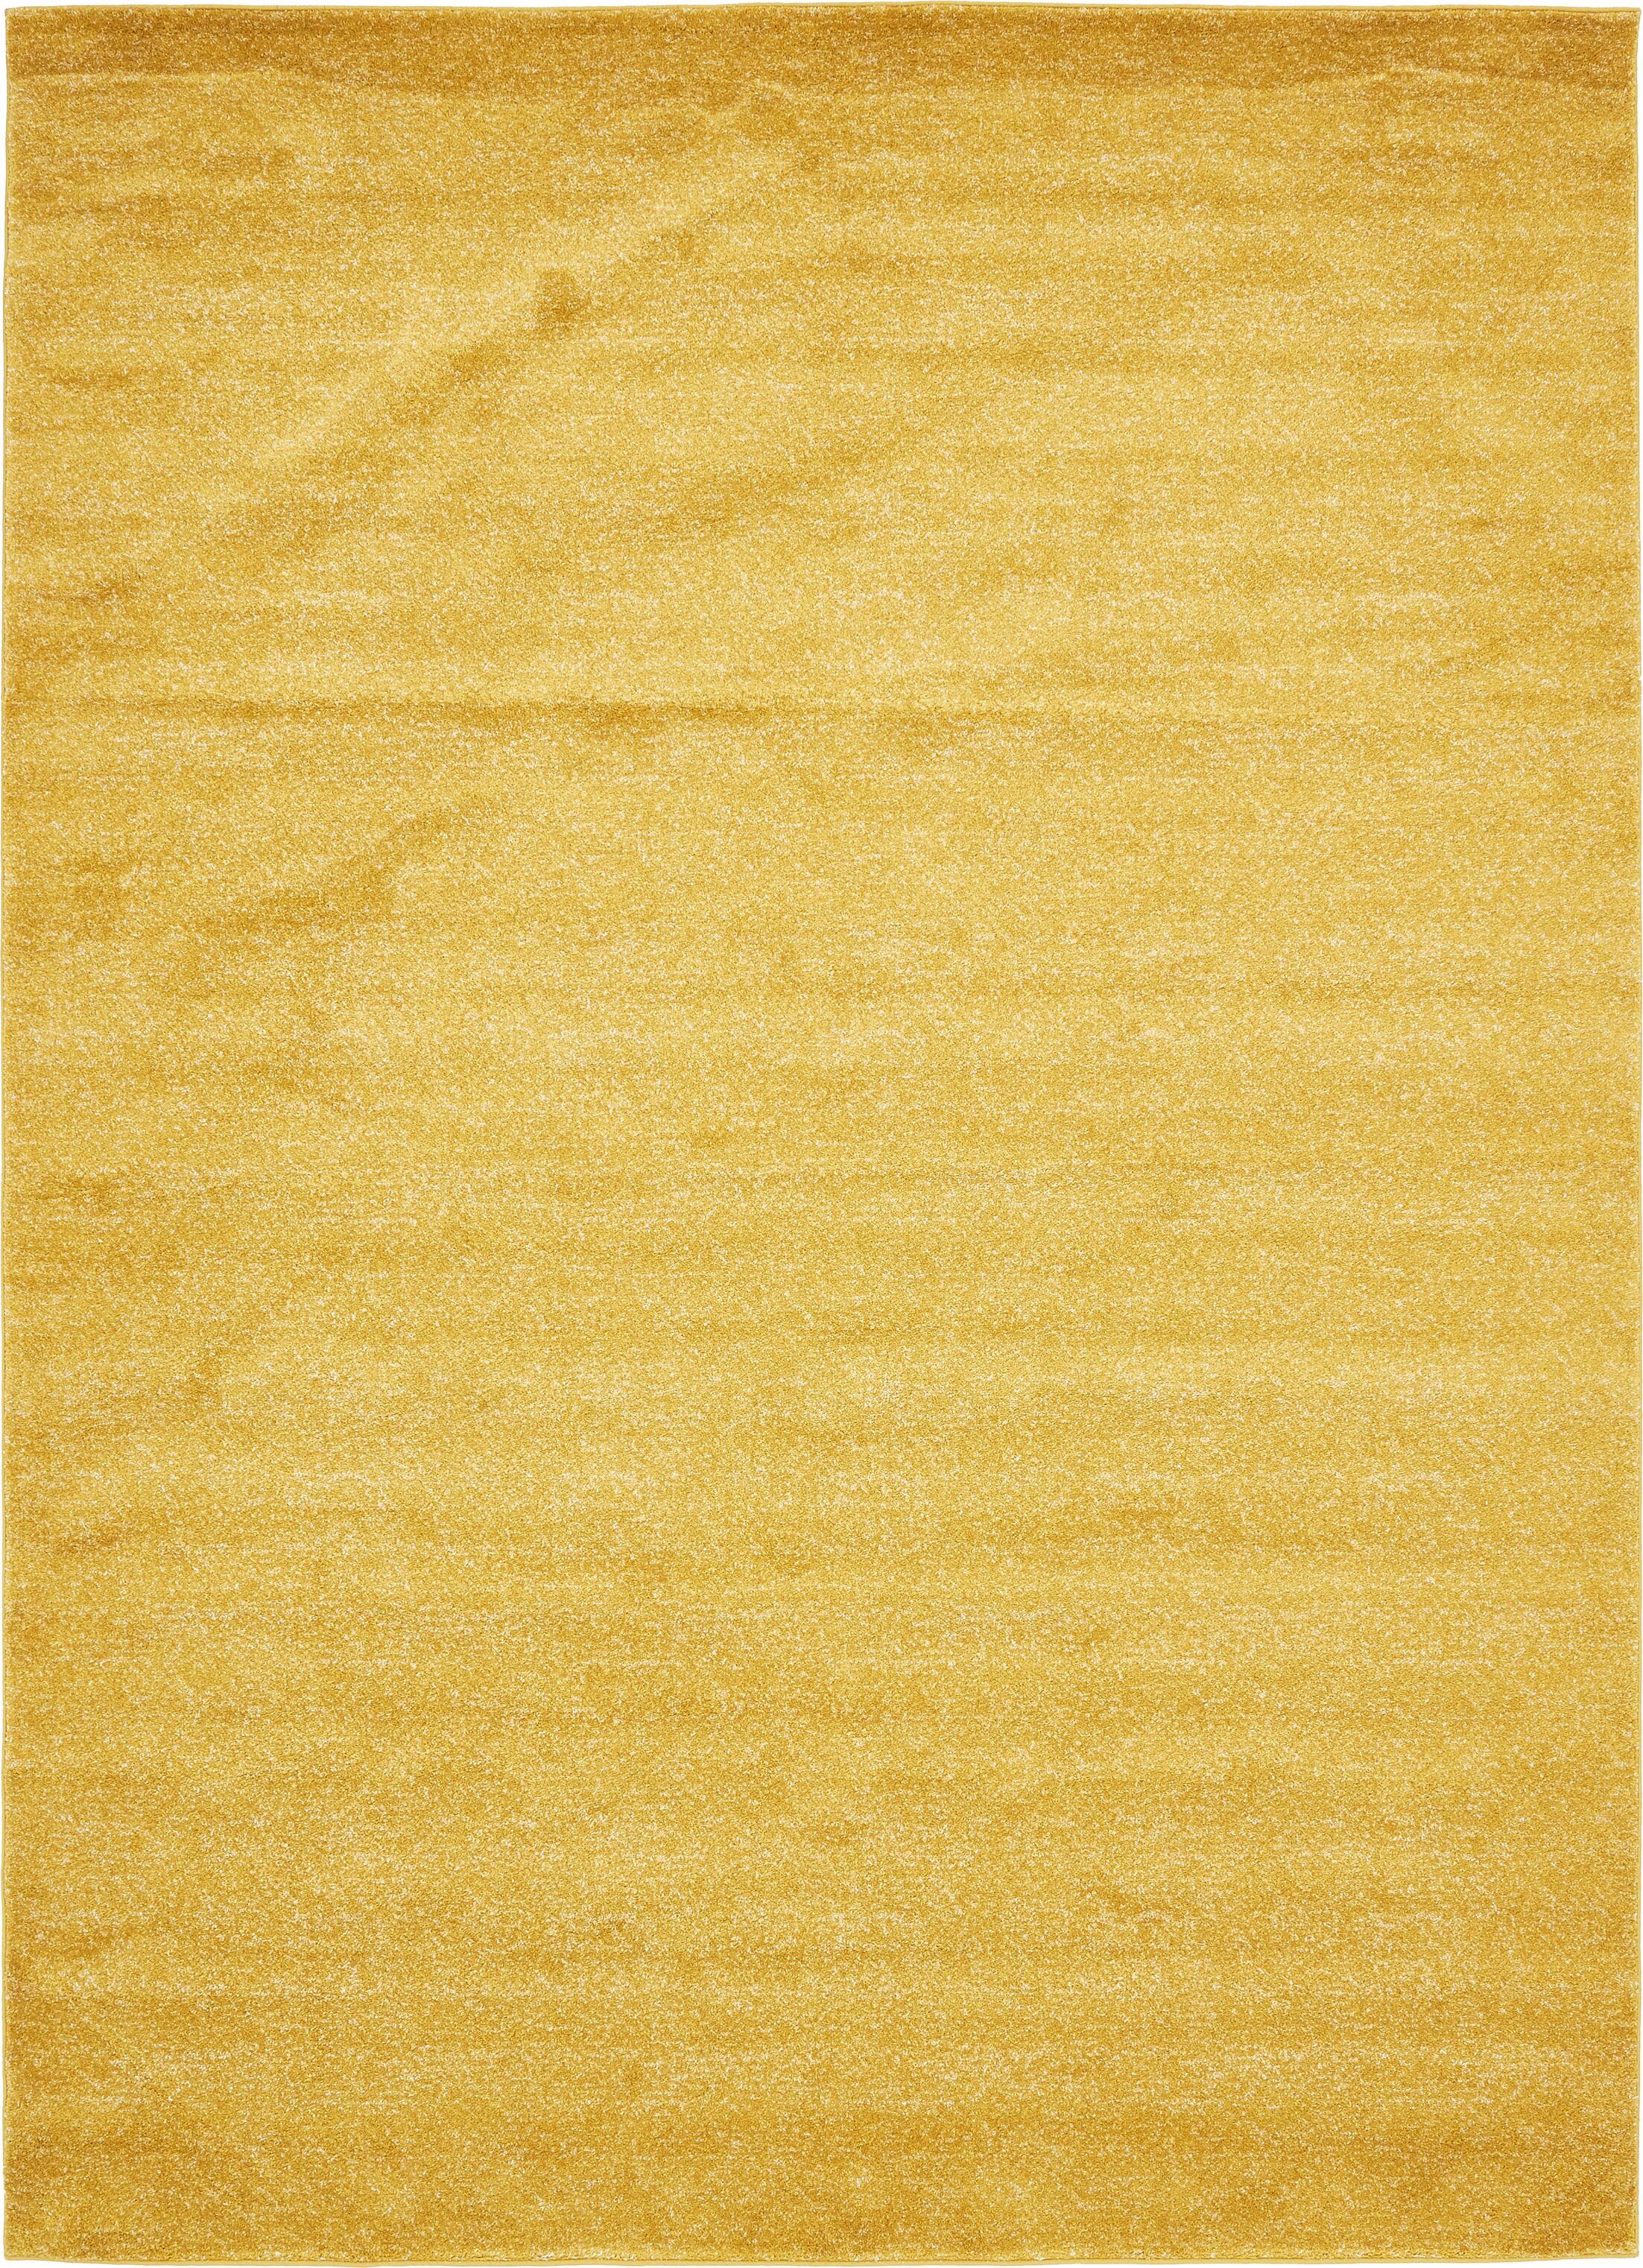 St Philips Marsh Yellow Area Rug Rug Size: Rectangle 9' x 12'2